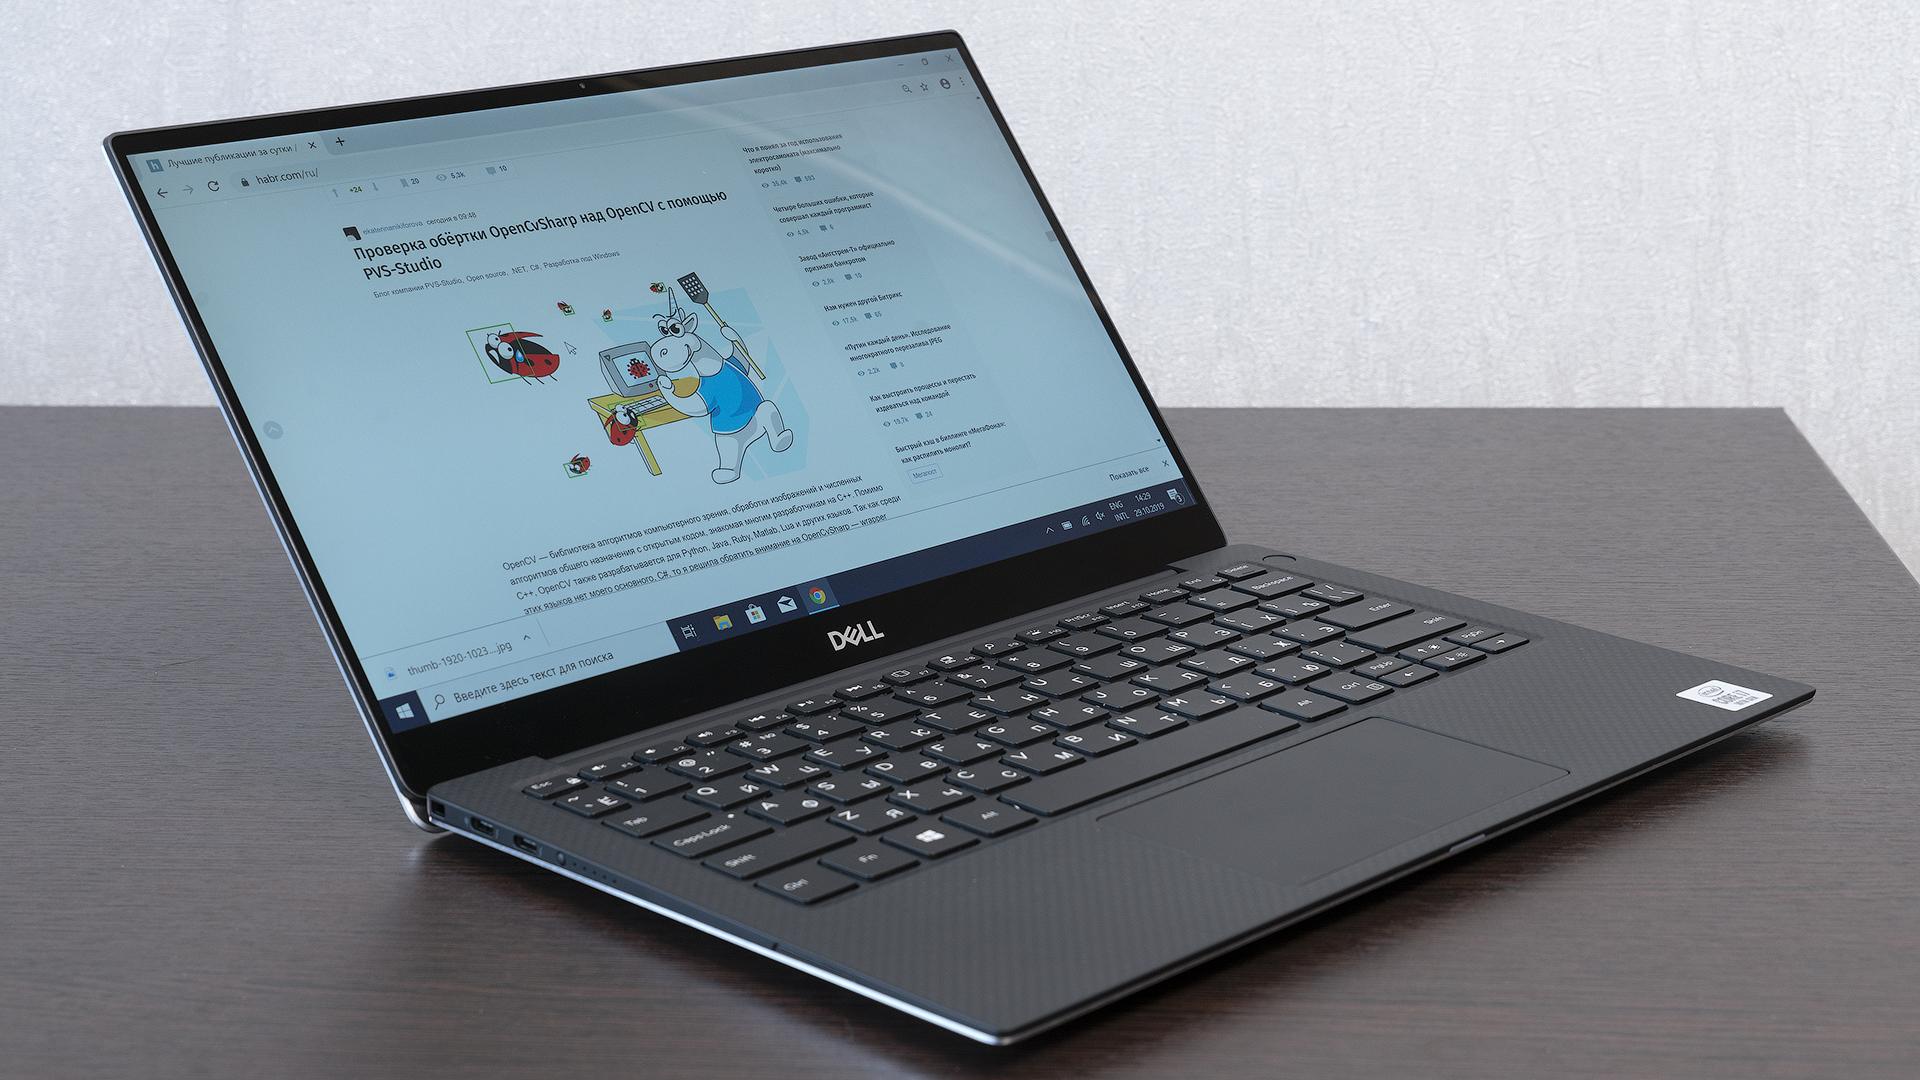 Dell XPS 13 7390: очень компактный ноутбук для тех, кто часто работает вне офиса